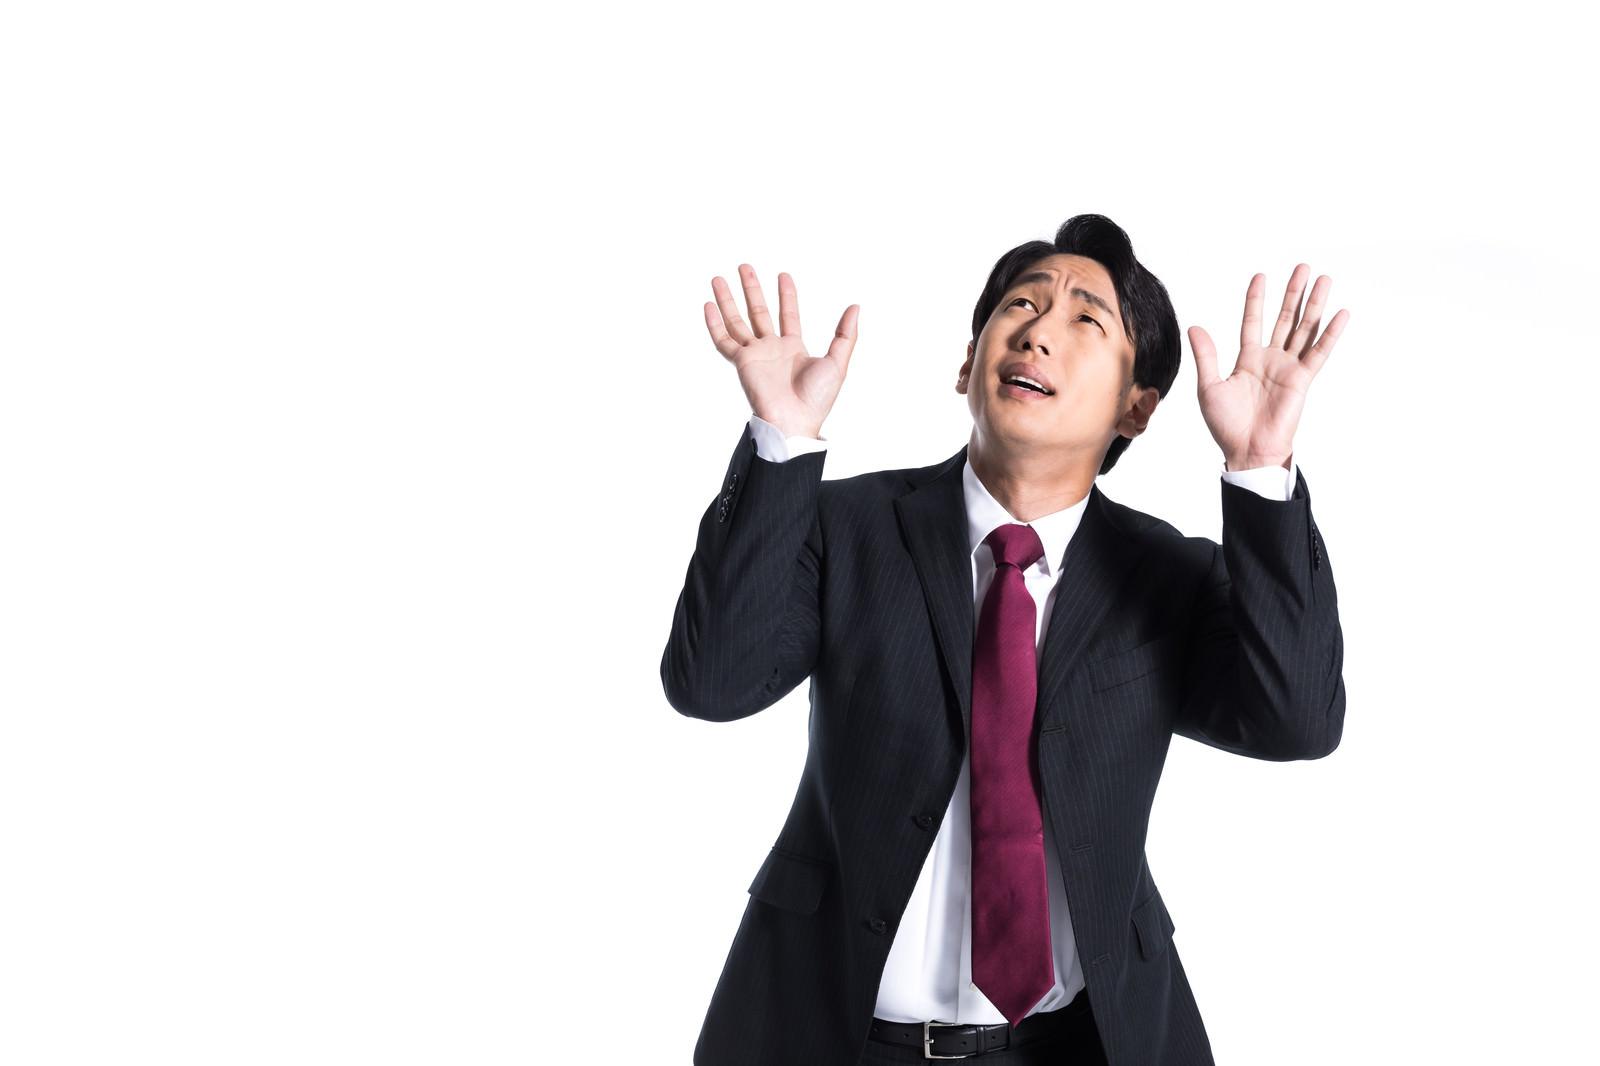 「仕事のプレッシャーに押しつぶされそうな会社員」の写真[モデル:大川竜弥]